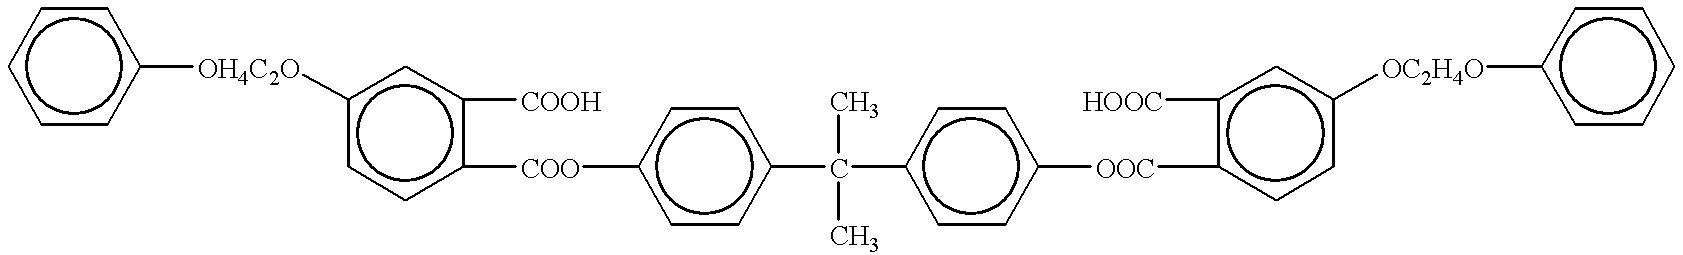 Figure US06180560-20010130-C00299